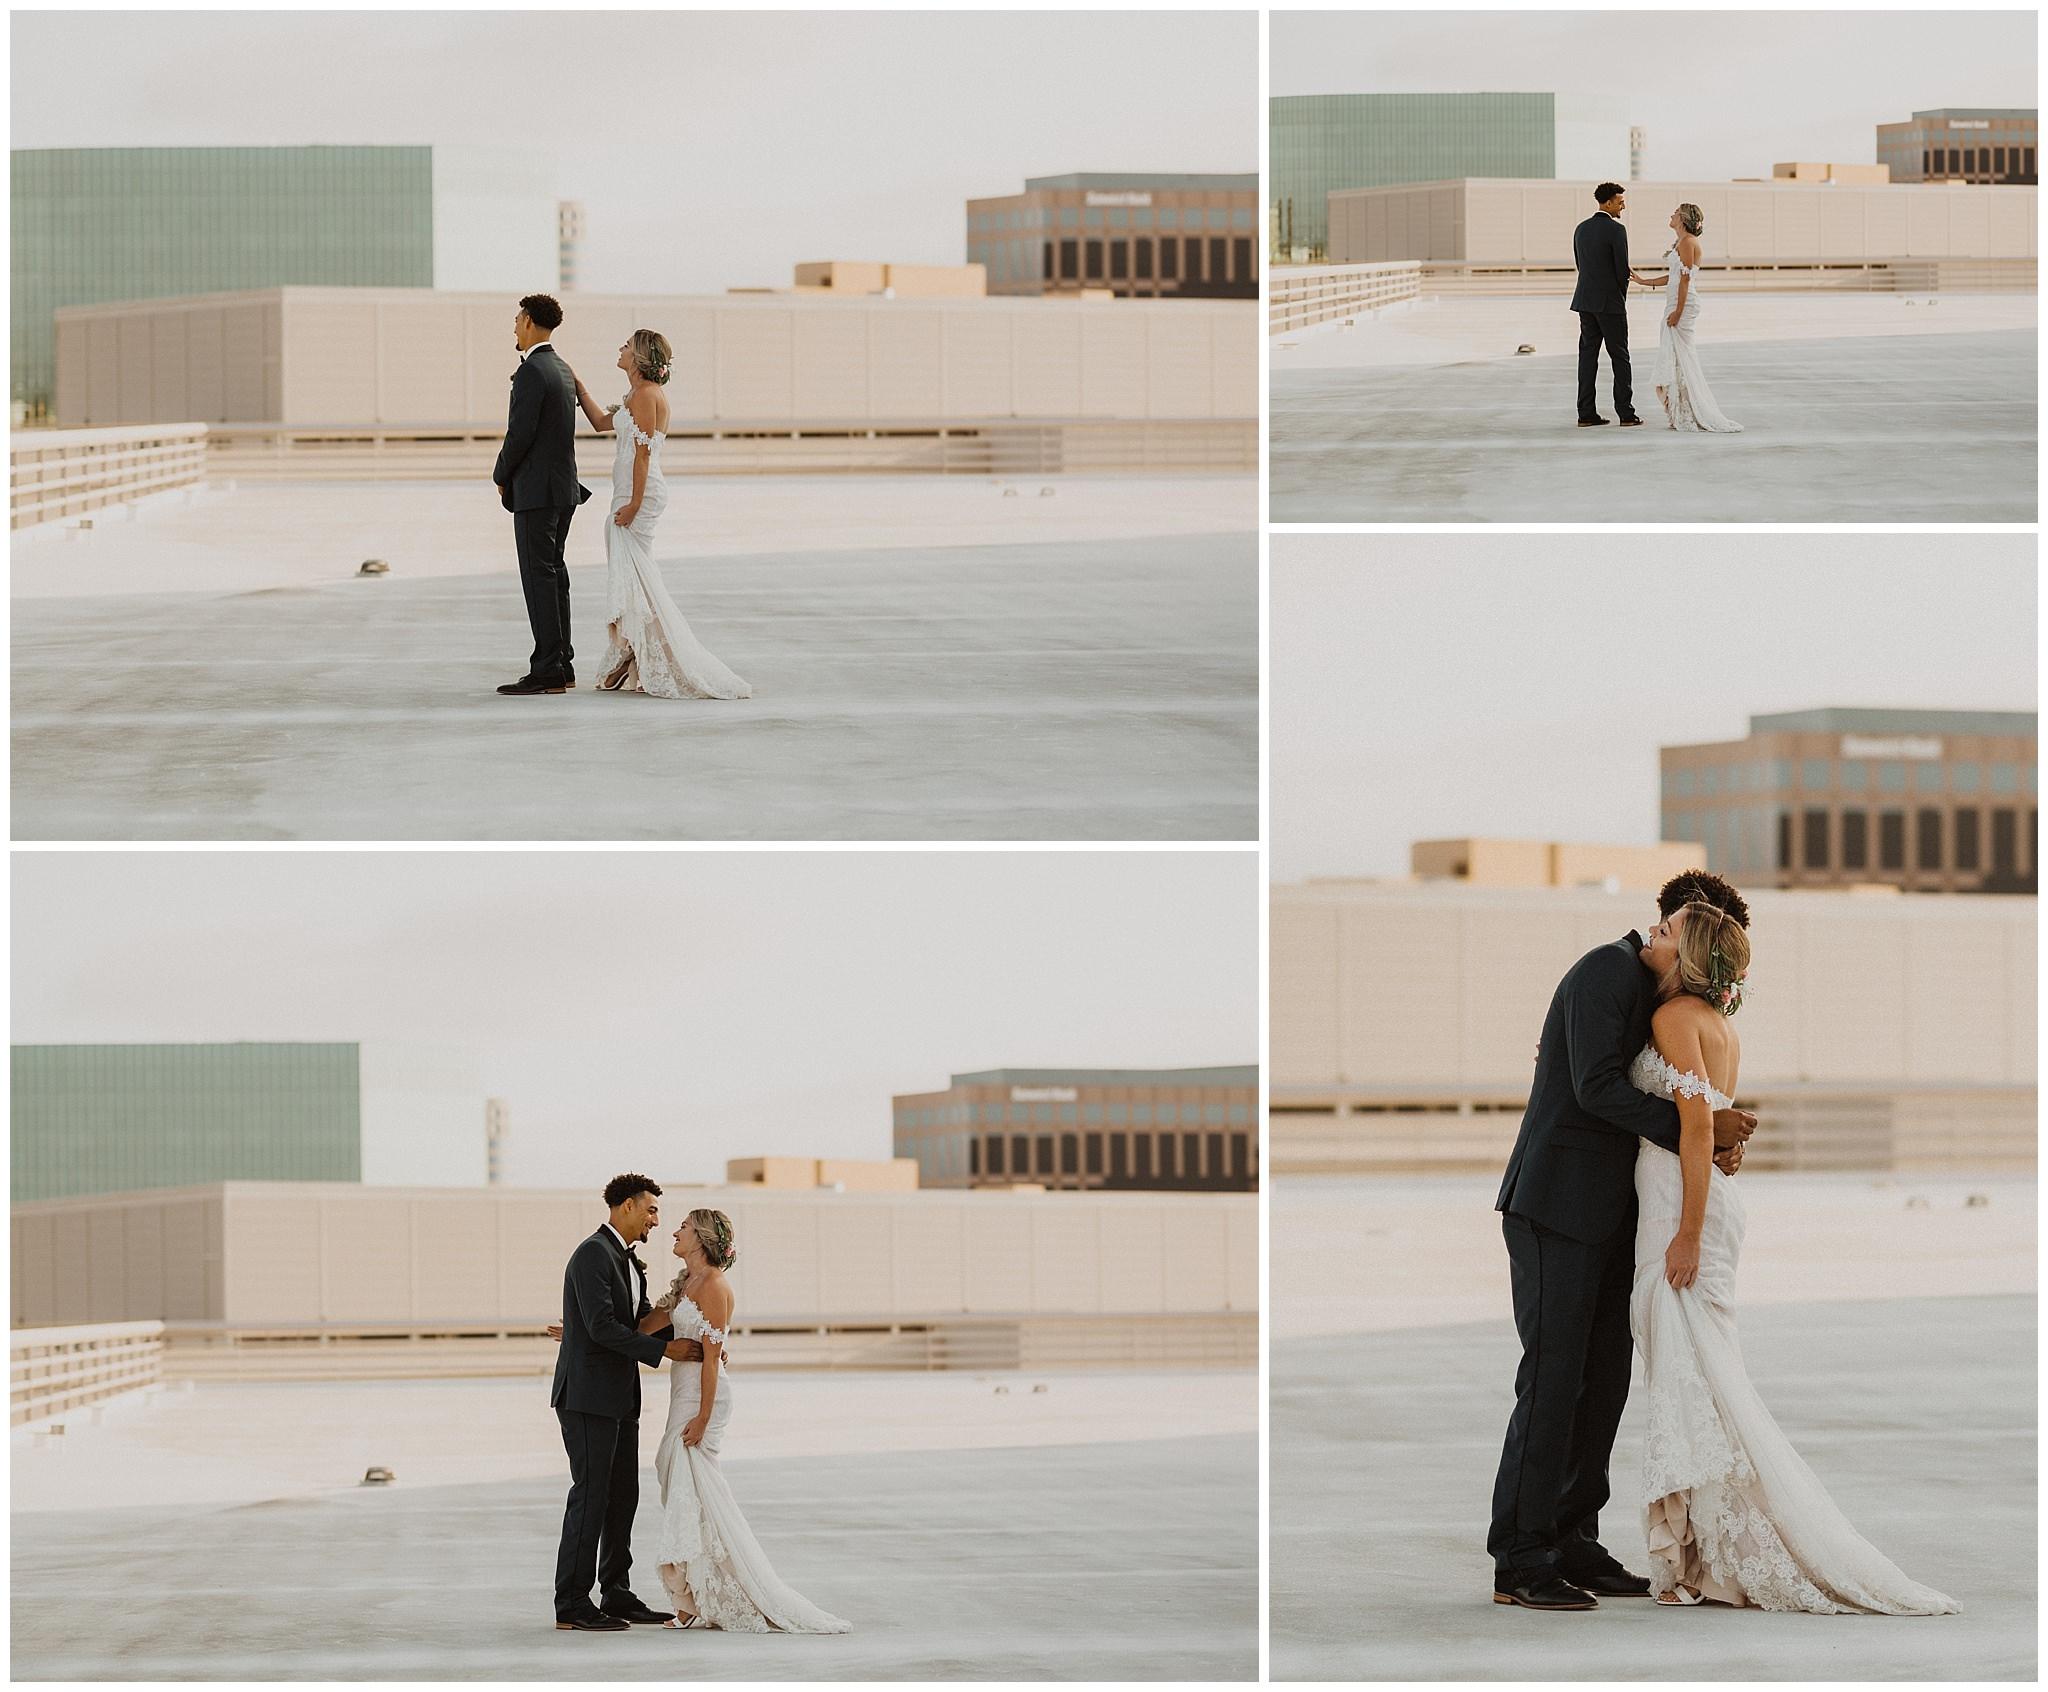 honolulu-wedding-photographer10.jpg